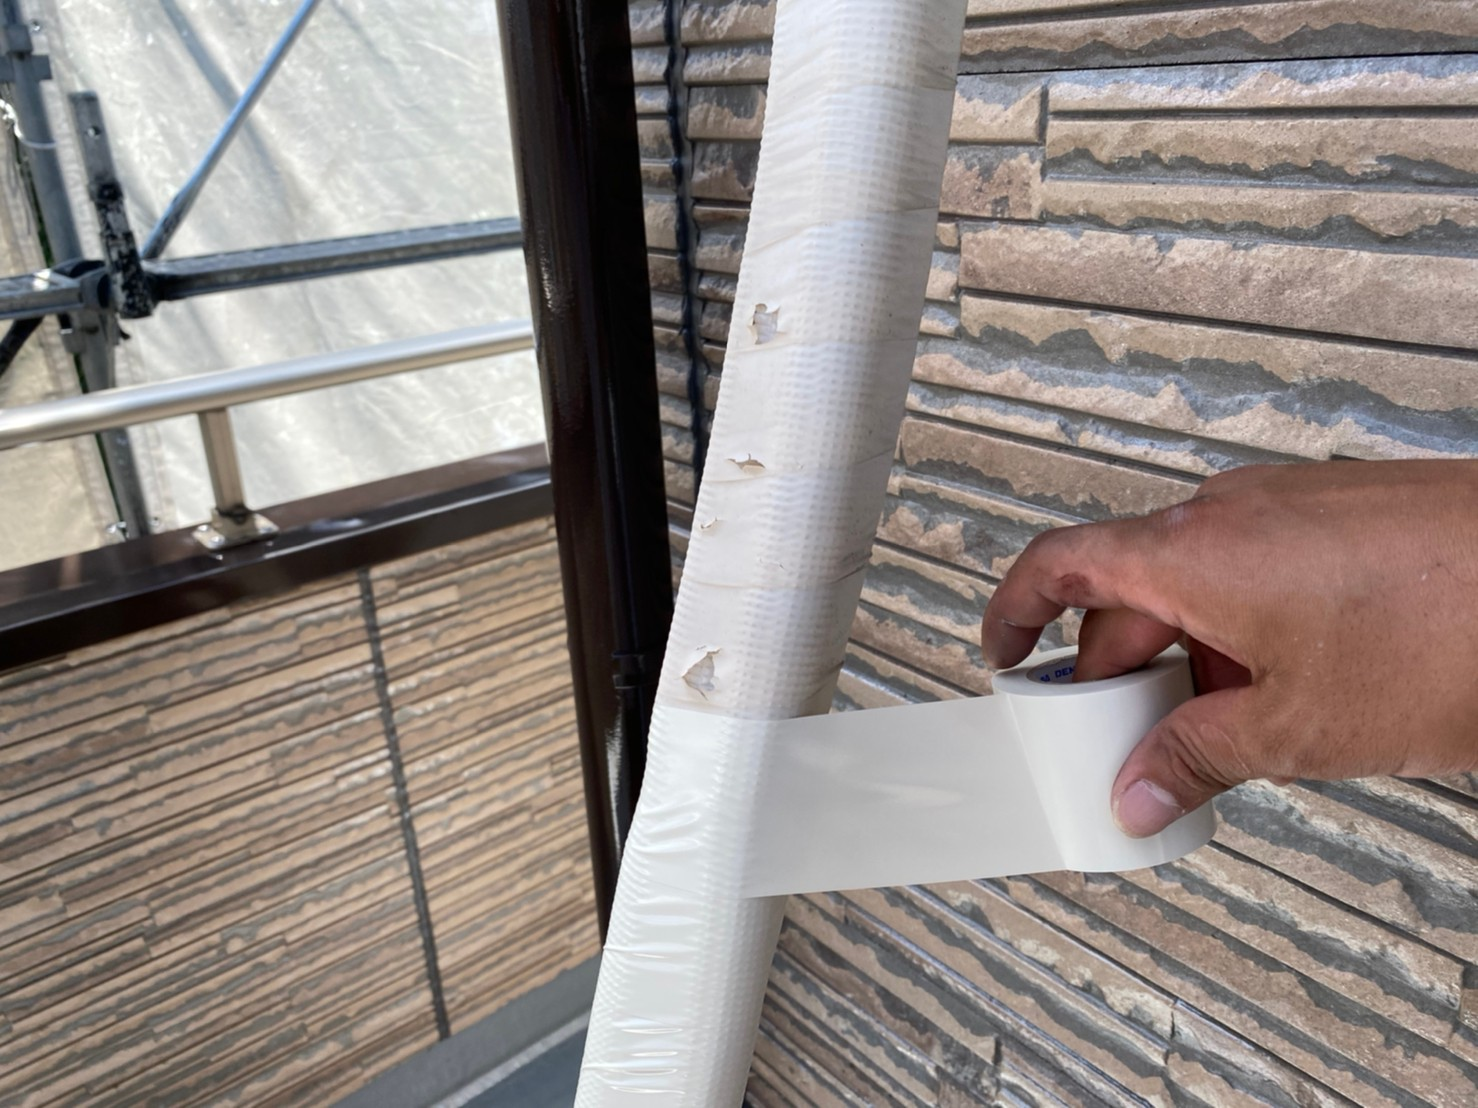 伊奈町外壁塗装時にエアコン配管の劣化テープを巻き直し